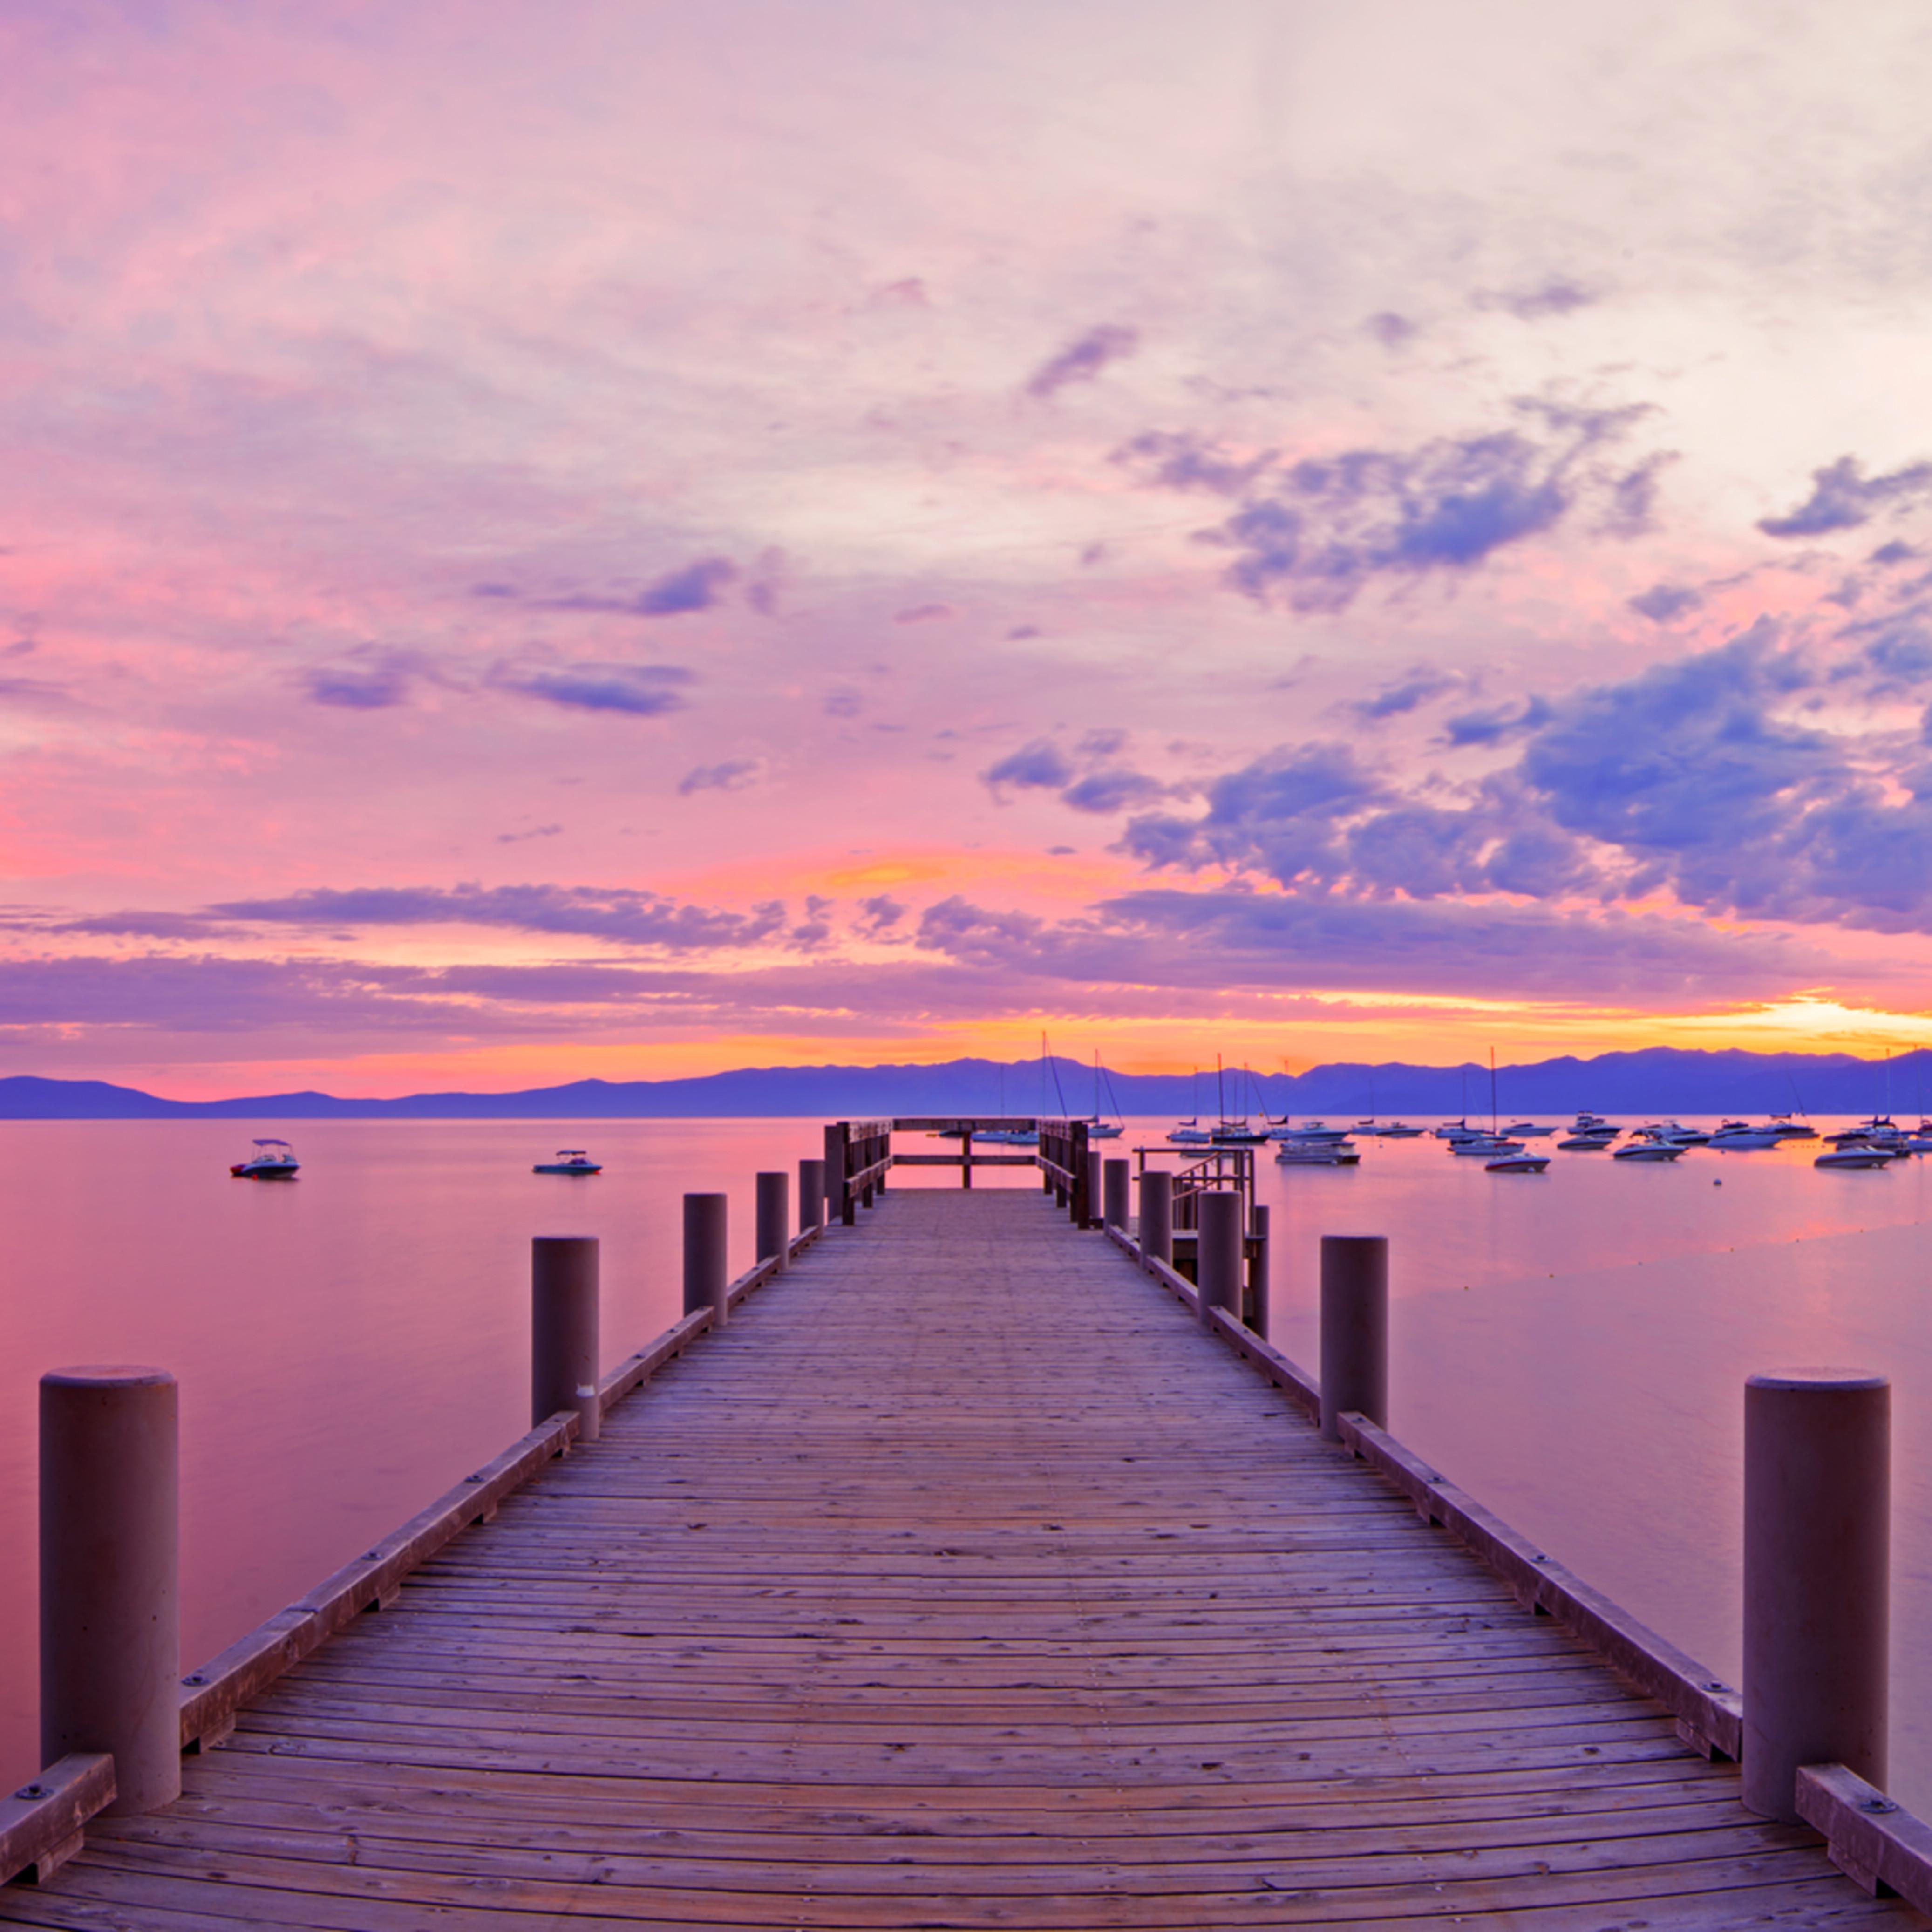 Valhalla pier sunrise warm uvrb1n